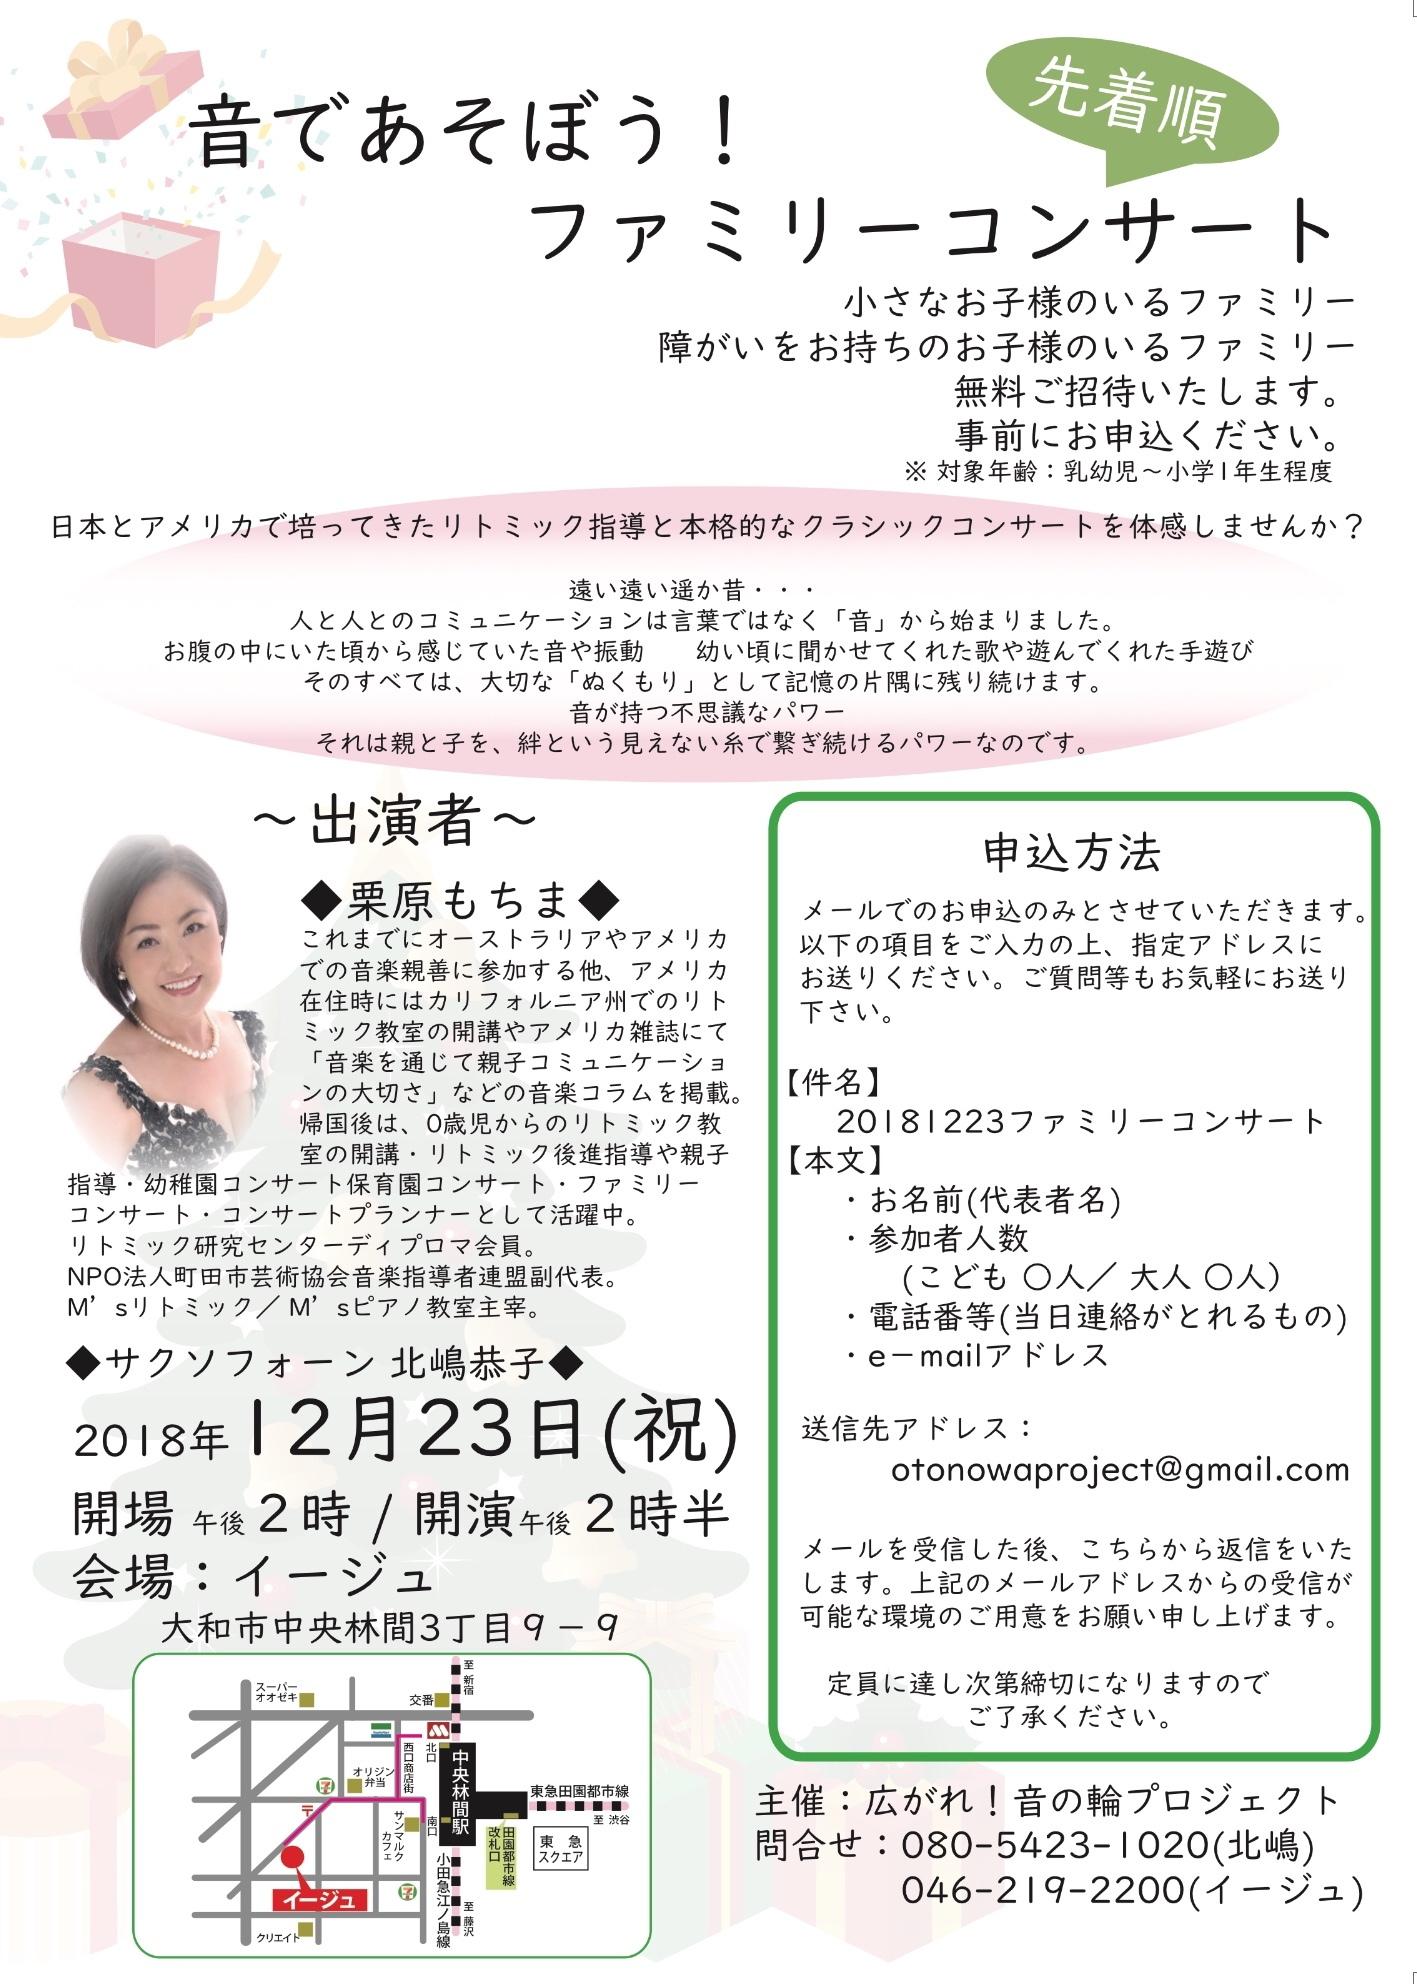 2018/12/23 音であそぼう!ファミリーコンサート